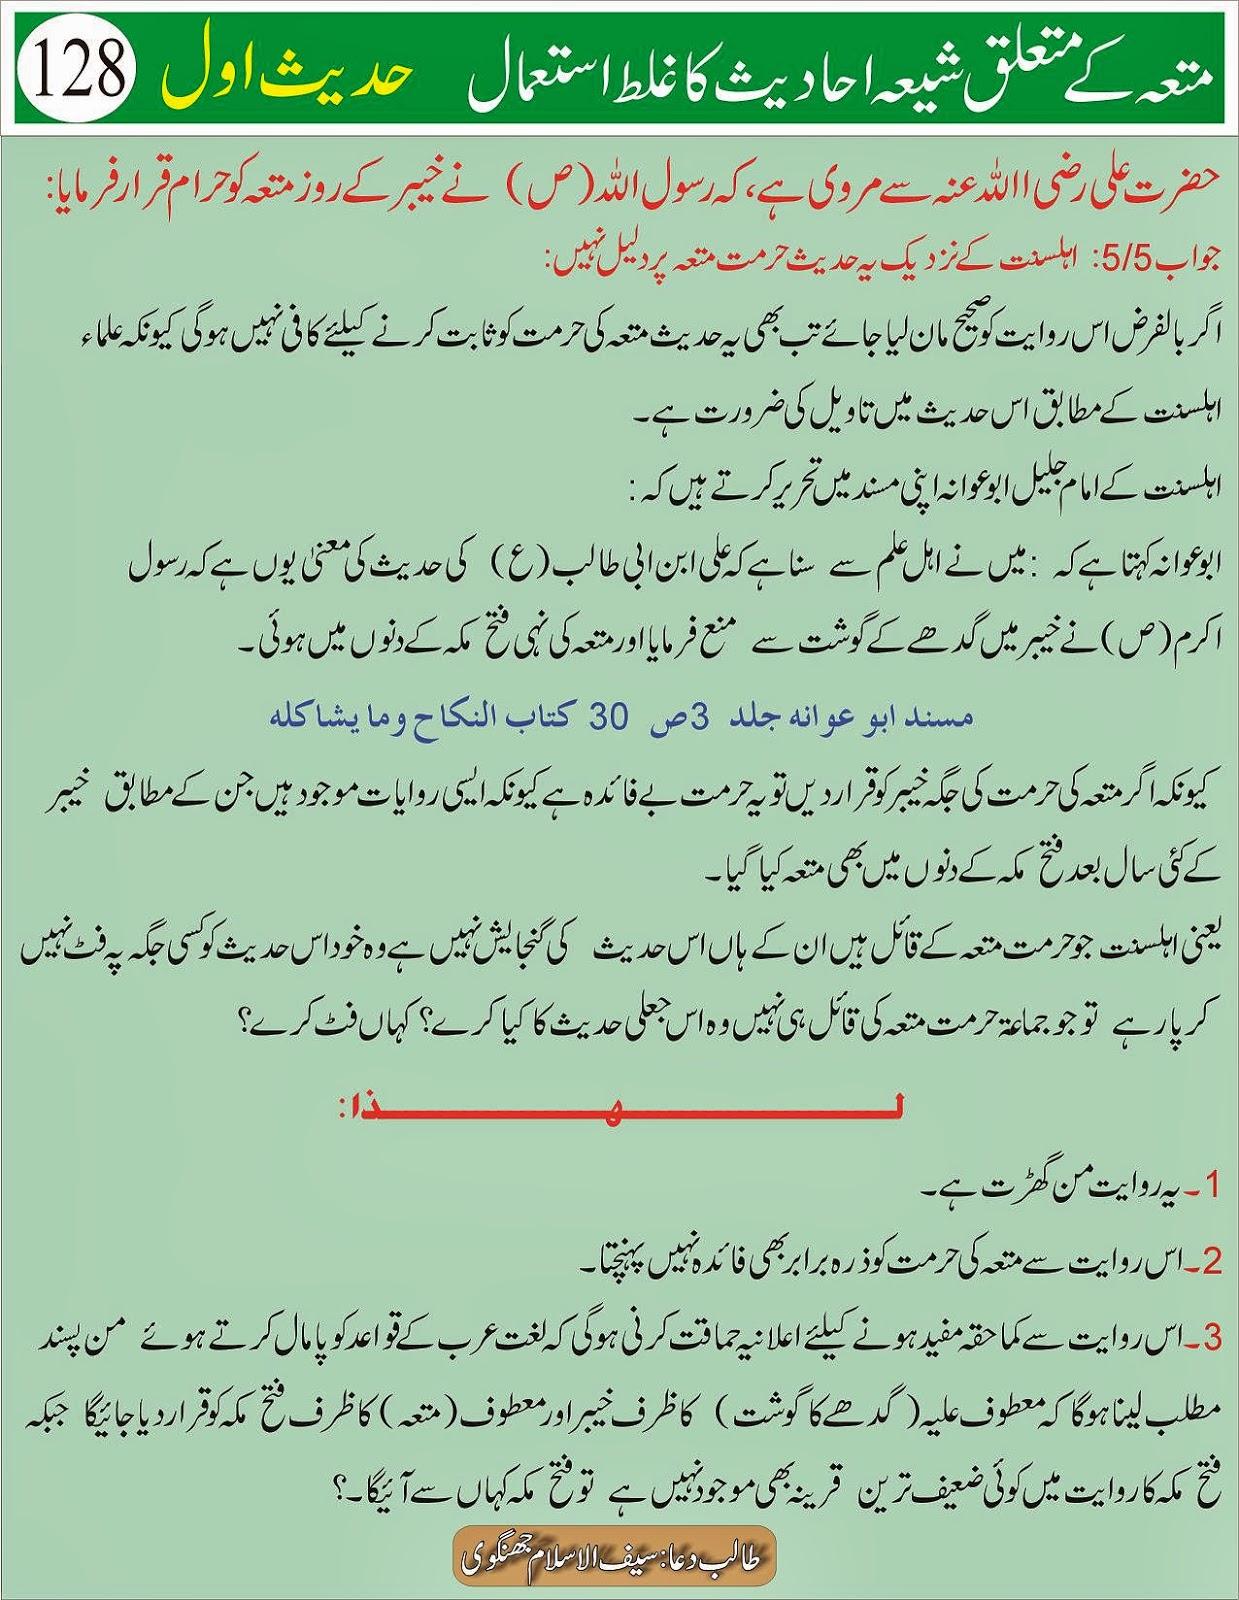 Matam Ki Raat Ko - Page 2 - Muslims vs Shia - Urdu - اسلام اور ...